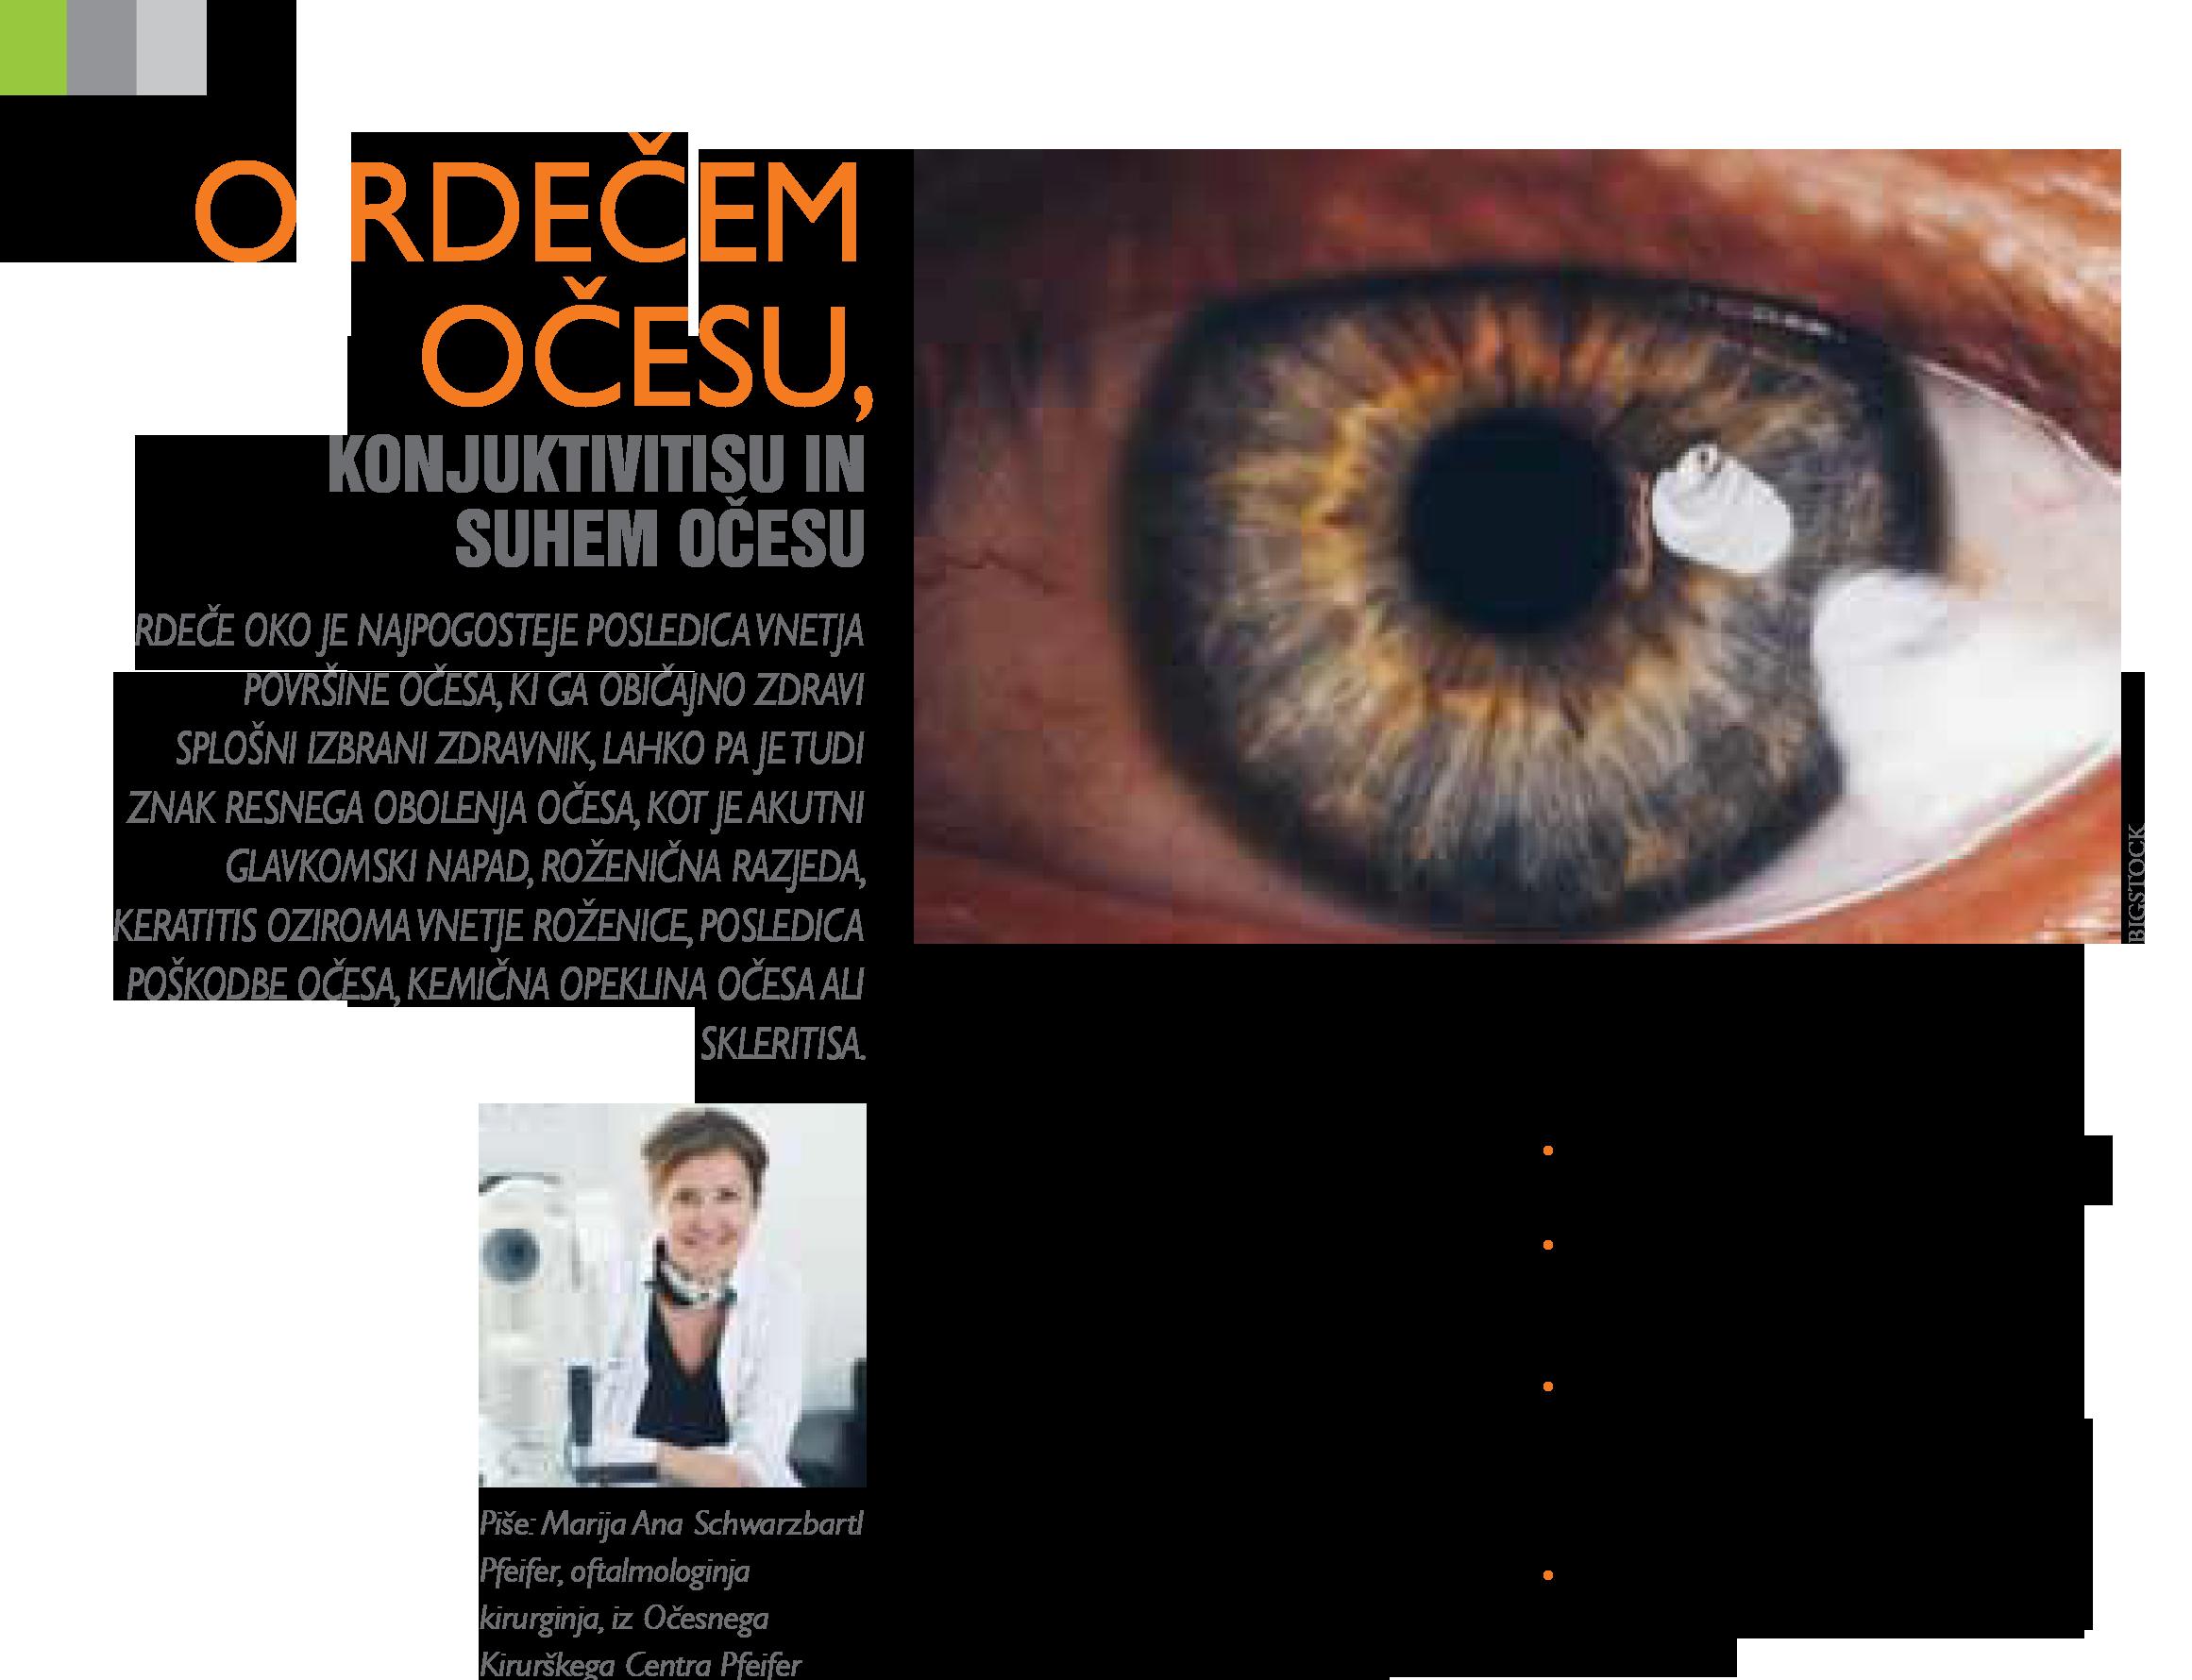 Revija Moje zdravje - O rdečem očesu - oktober 2019